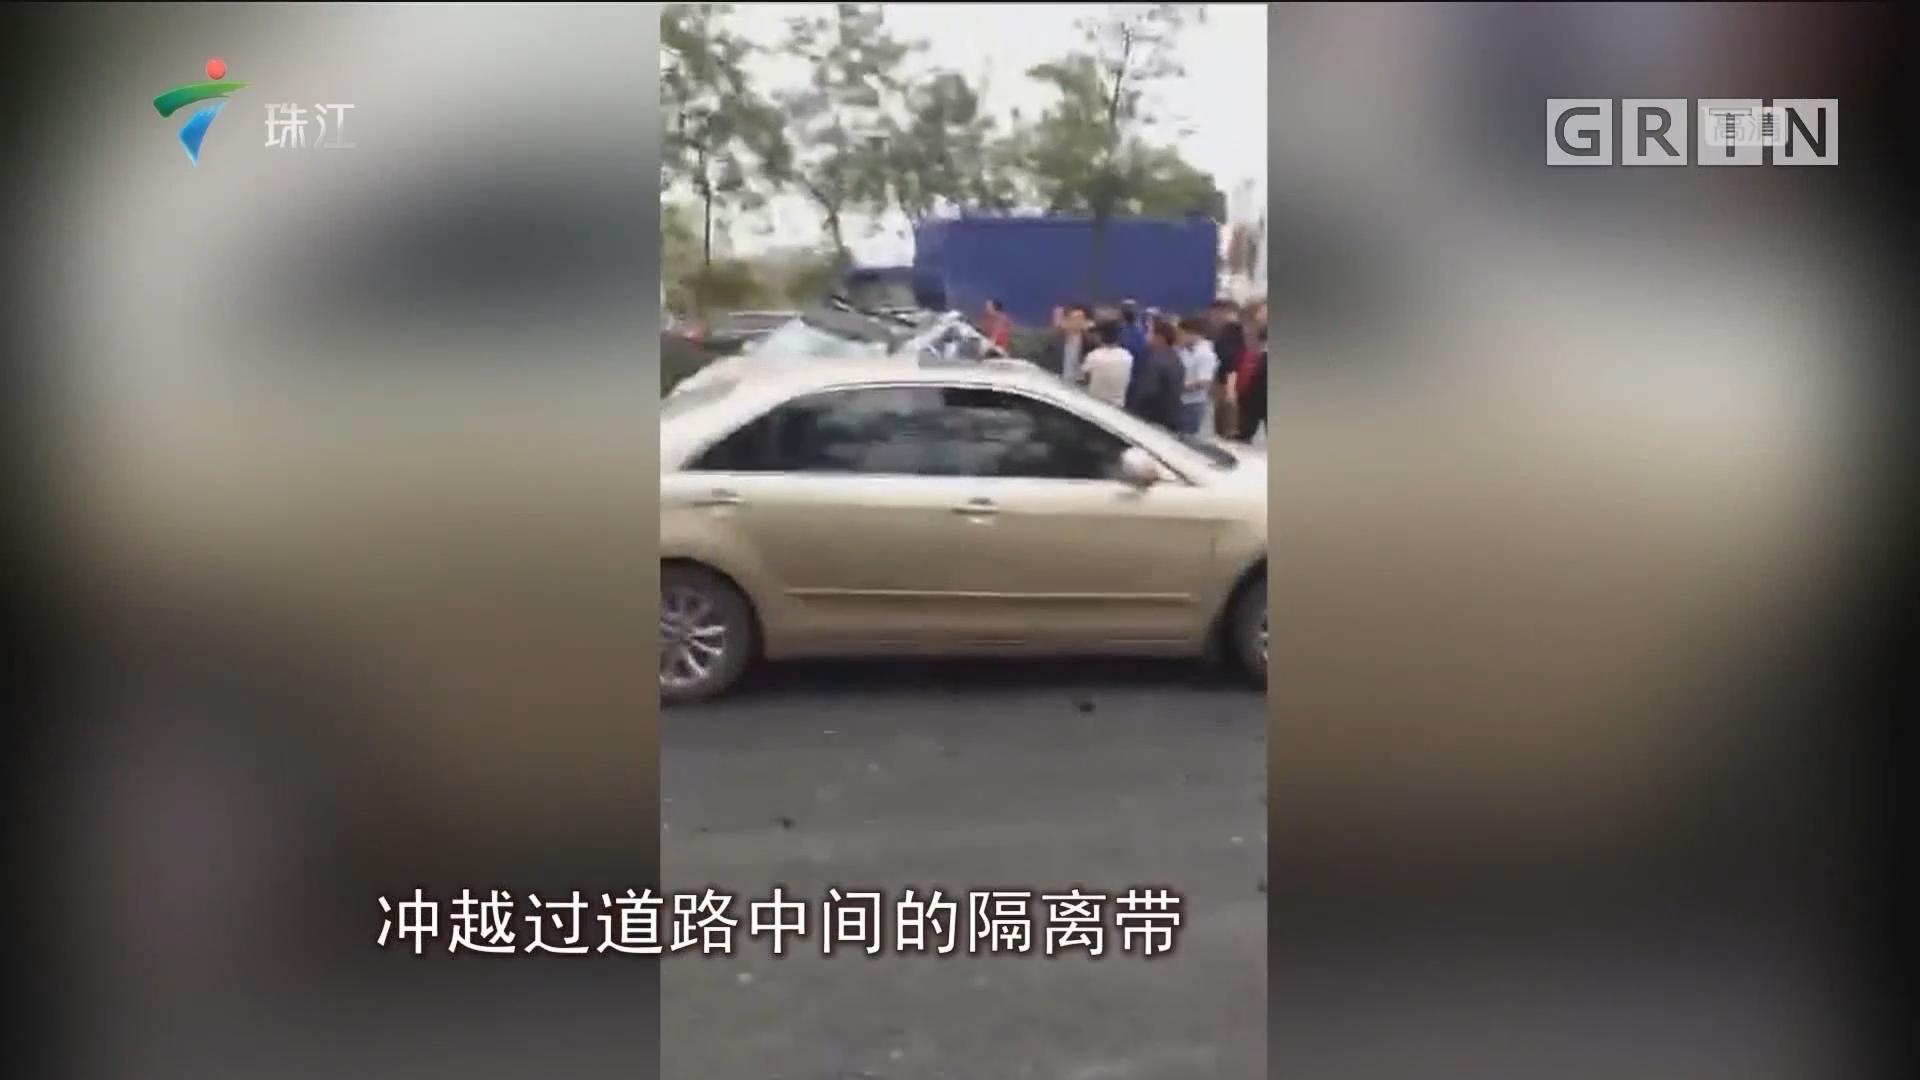 南海:货车遇事故后再连撞三车 造成1死1伤